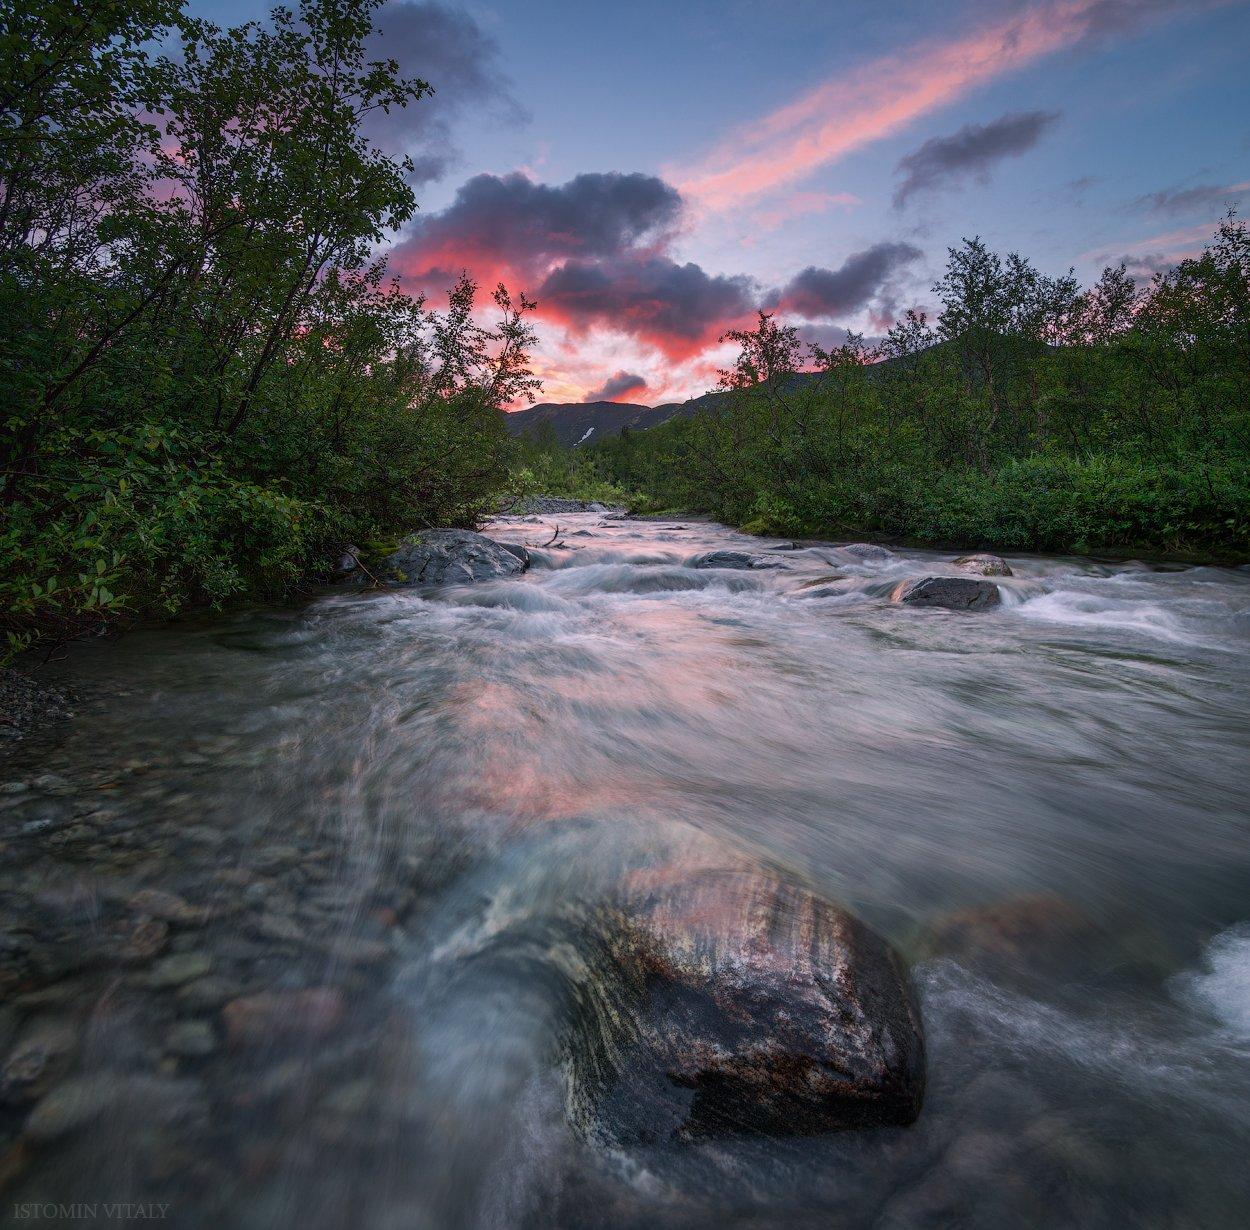 пейзаж,вода,цвет,россия,хибины,река,перспектива,лес,горы,панорама, Истомин Виталий